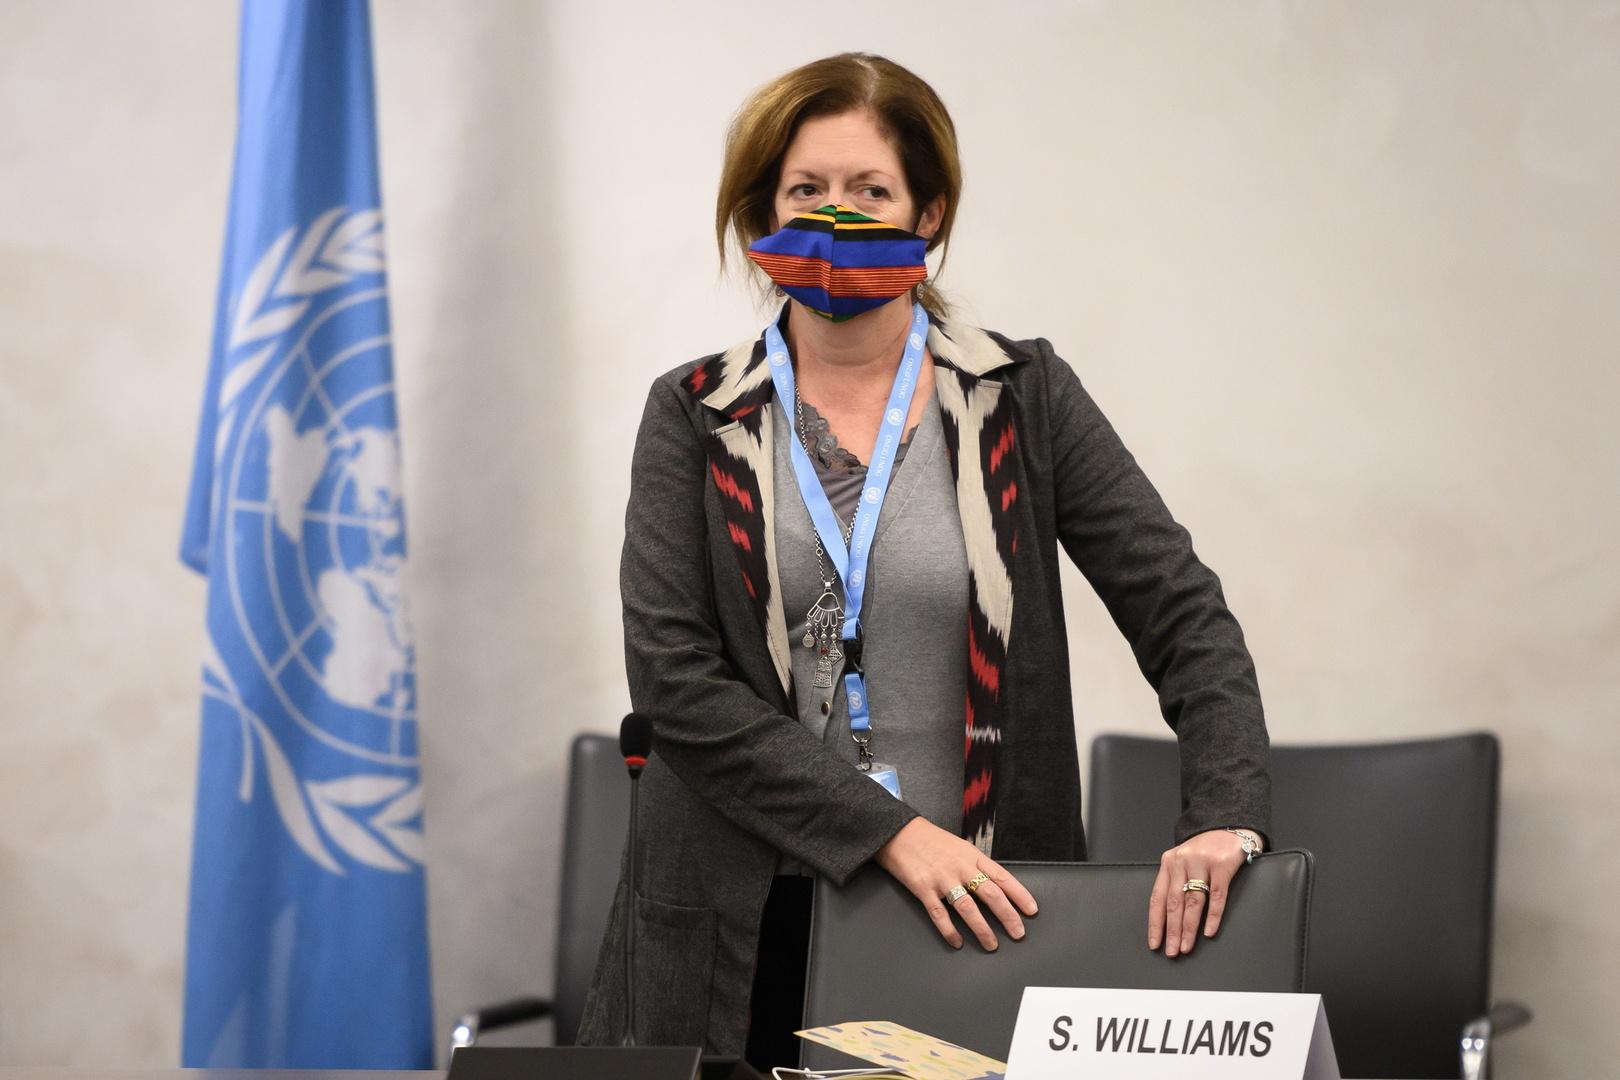 مبعوثة الأمم المتحدة إلى ليبيا بالإنابة ستيفاني وليامز